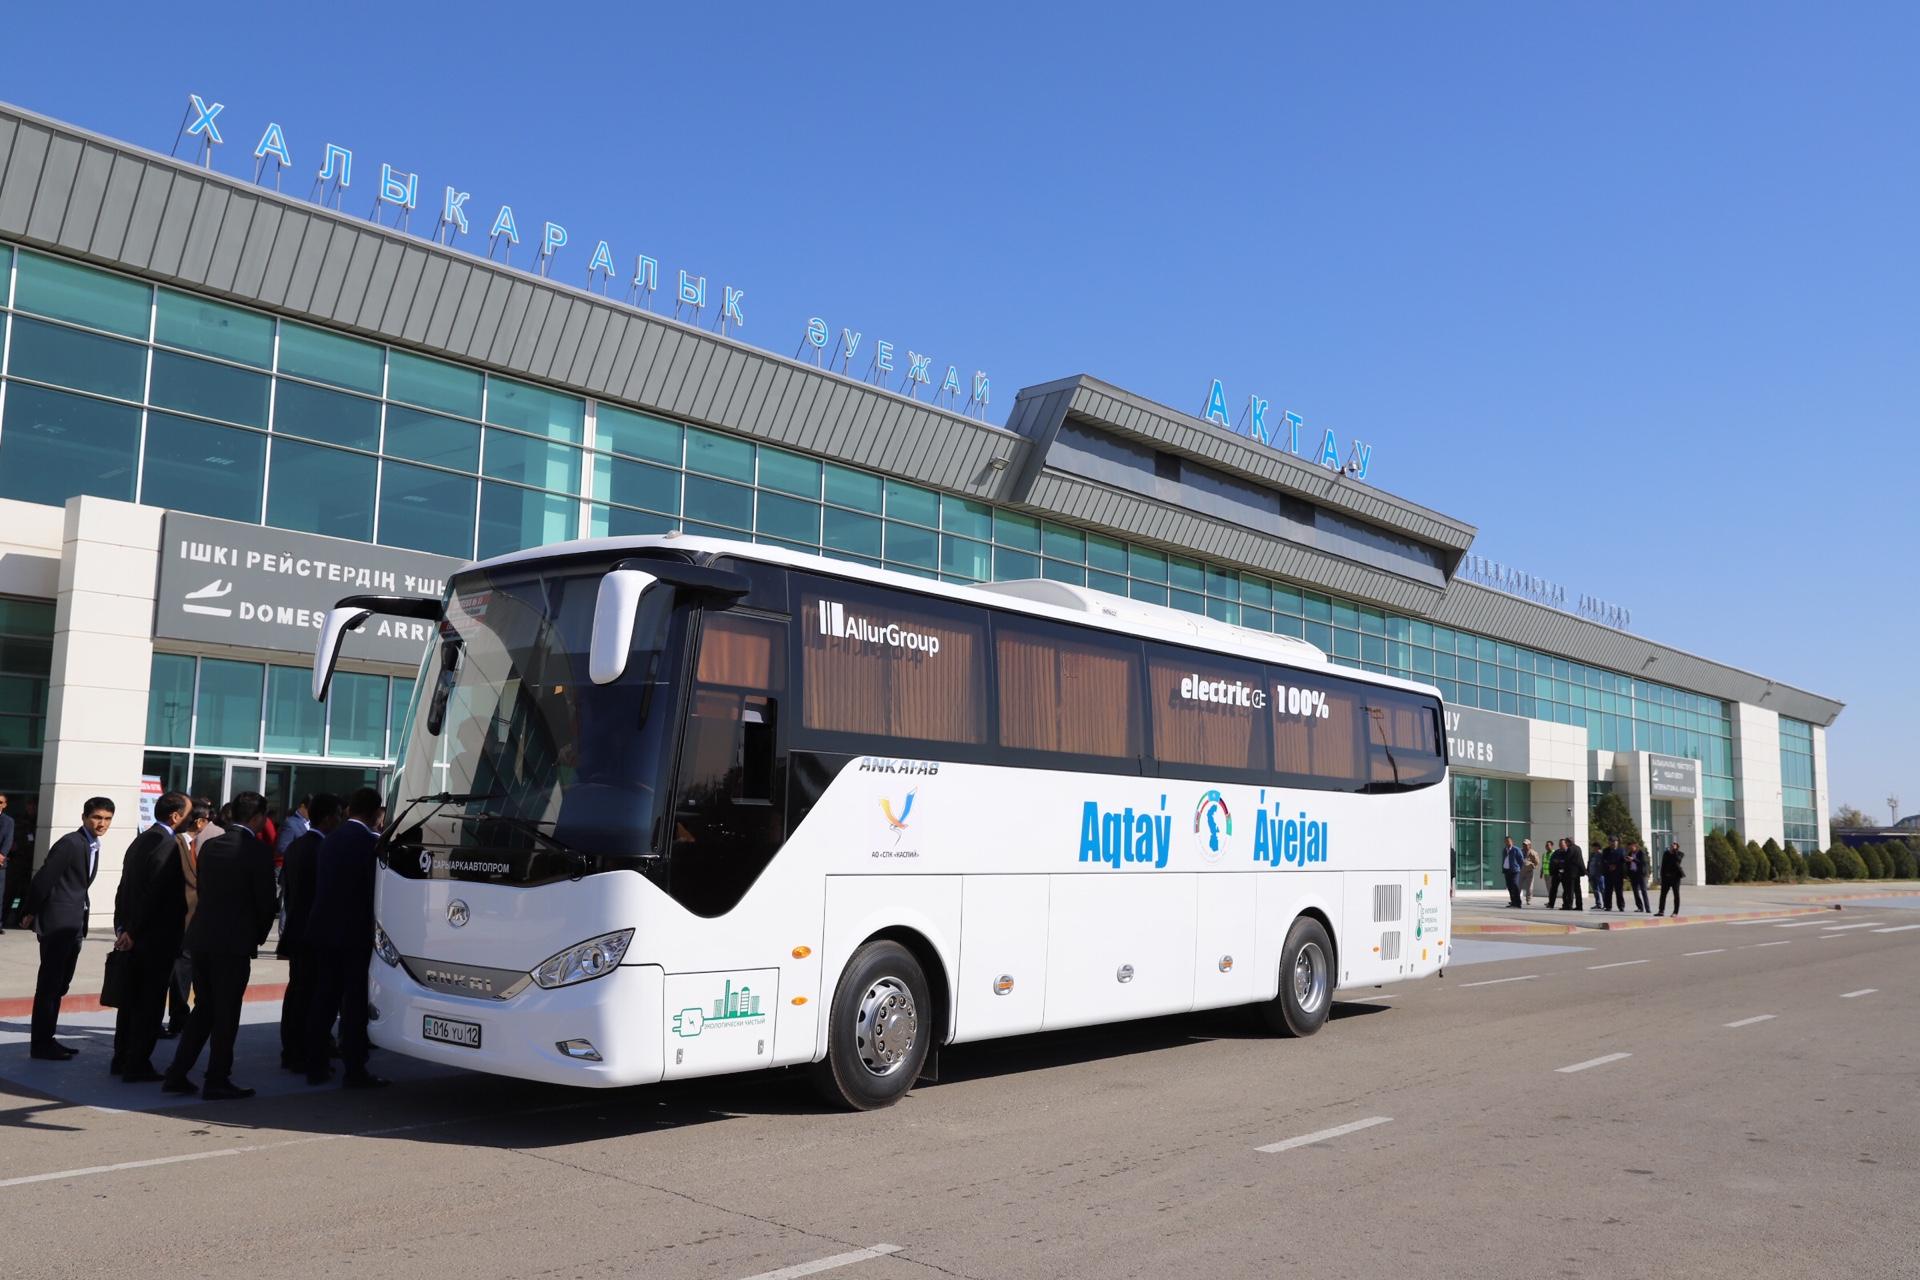 Электробусы впервые запустили на маршруты в Казахстане, автобусы, Общественный транспорт, Электробусы, Ankai, Группа Компаний «Аллюр», экология